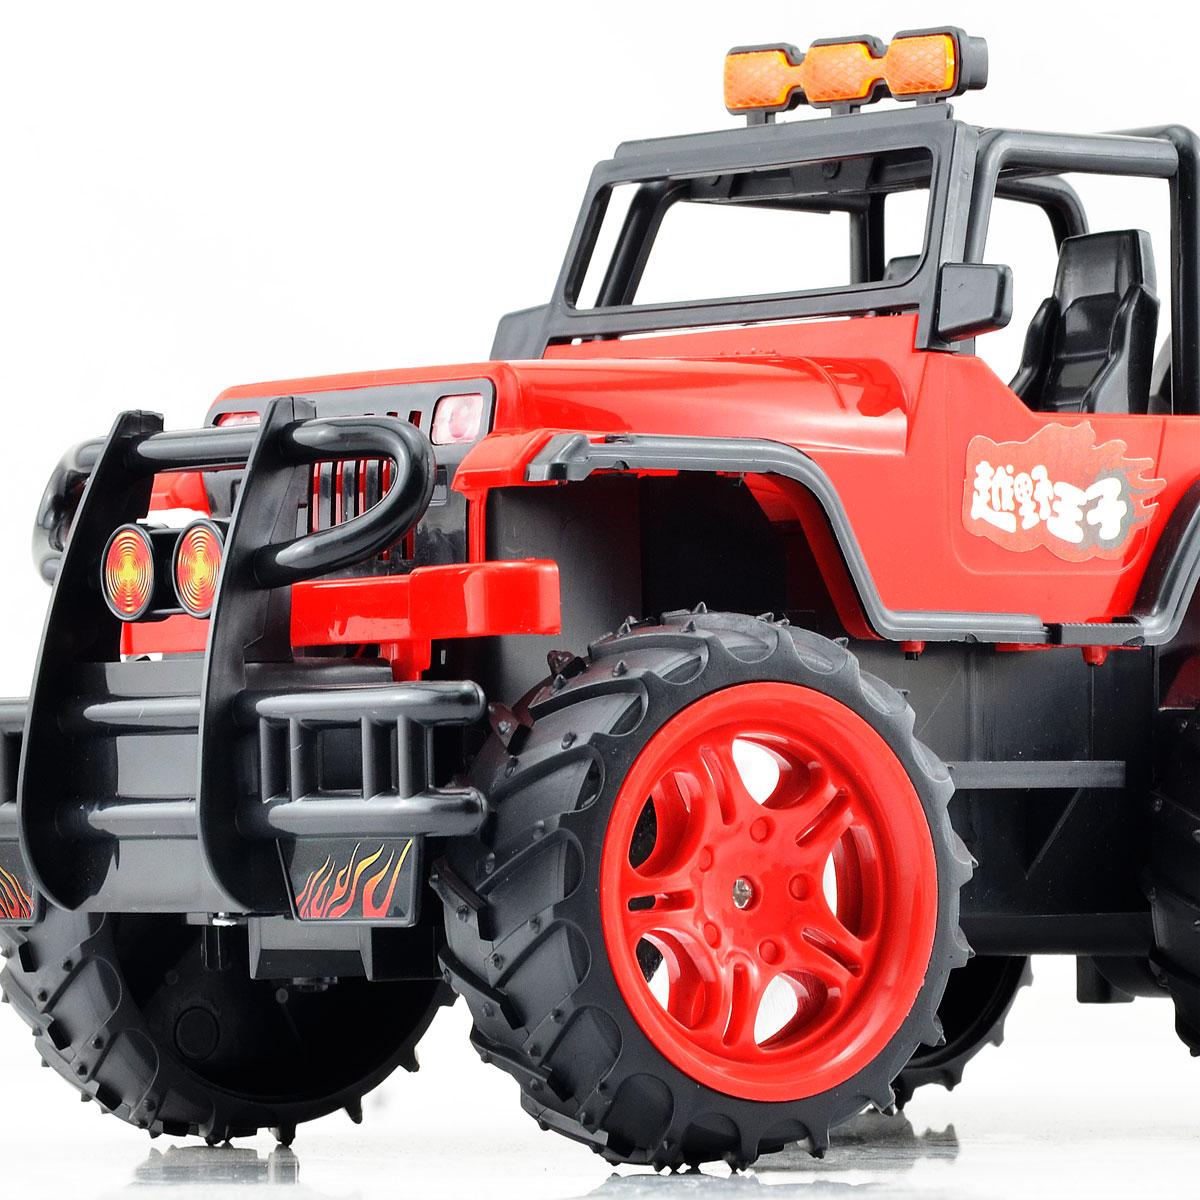 会员购 越野遥控车充电遥控汽车赛车 遥控玩具男孩儿童玩具车摇控